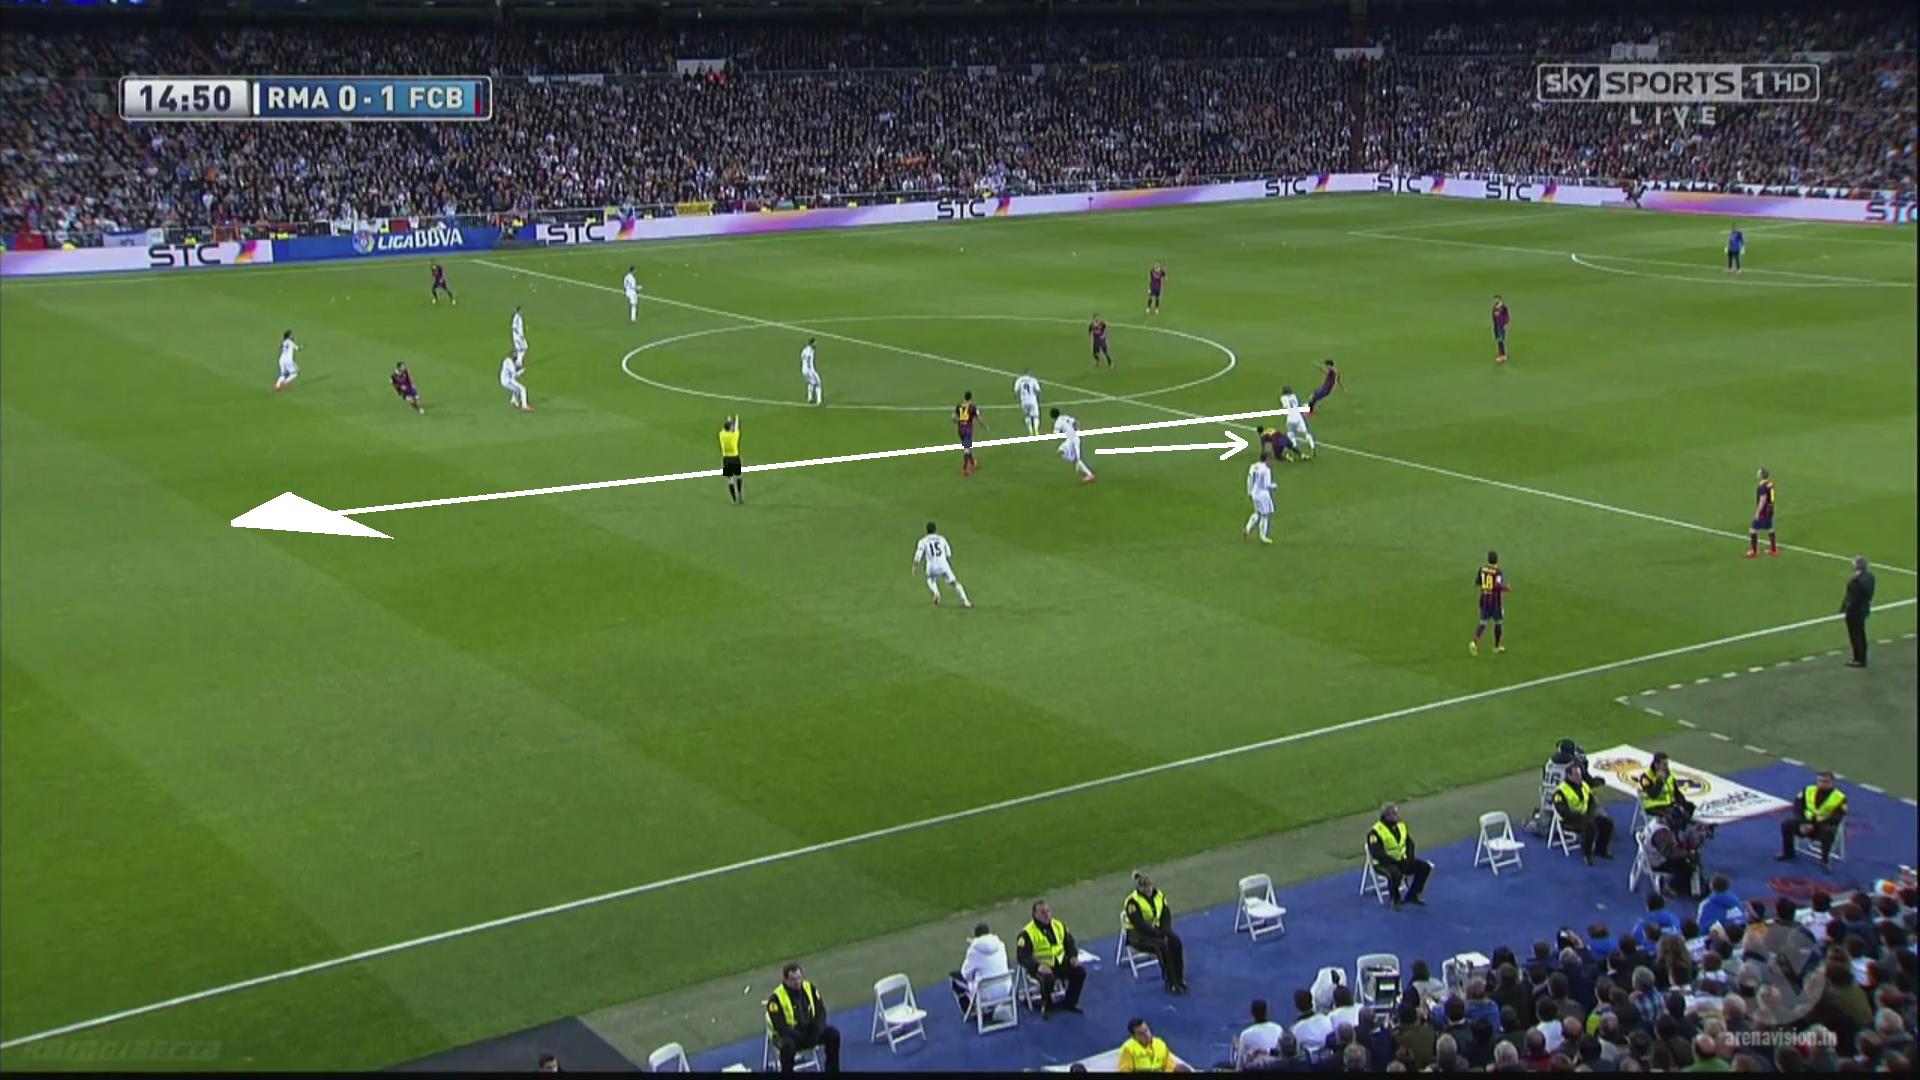 Pepe, attiré par le décrochage de Neymar, sort de son axe droit. Ramos suit le mouvement et demande la remontée de la ligne. Mais Fabregas est sans opposition et la passe peut partir. Messi échoue face à Diego Lopez, mais le Real passe déjà tout prêt de la catastrophe avant son gros temps fort de la première mi-temps.